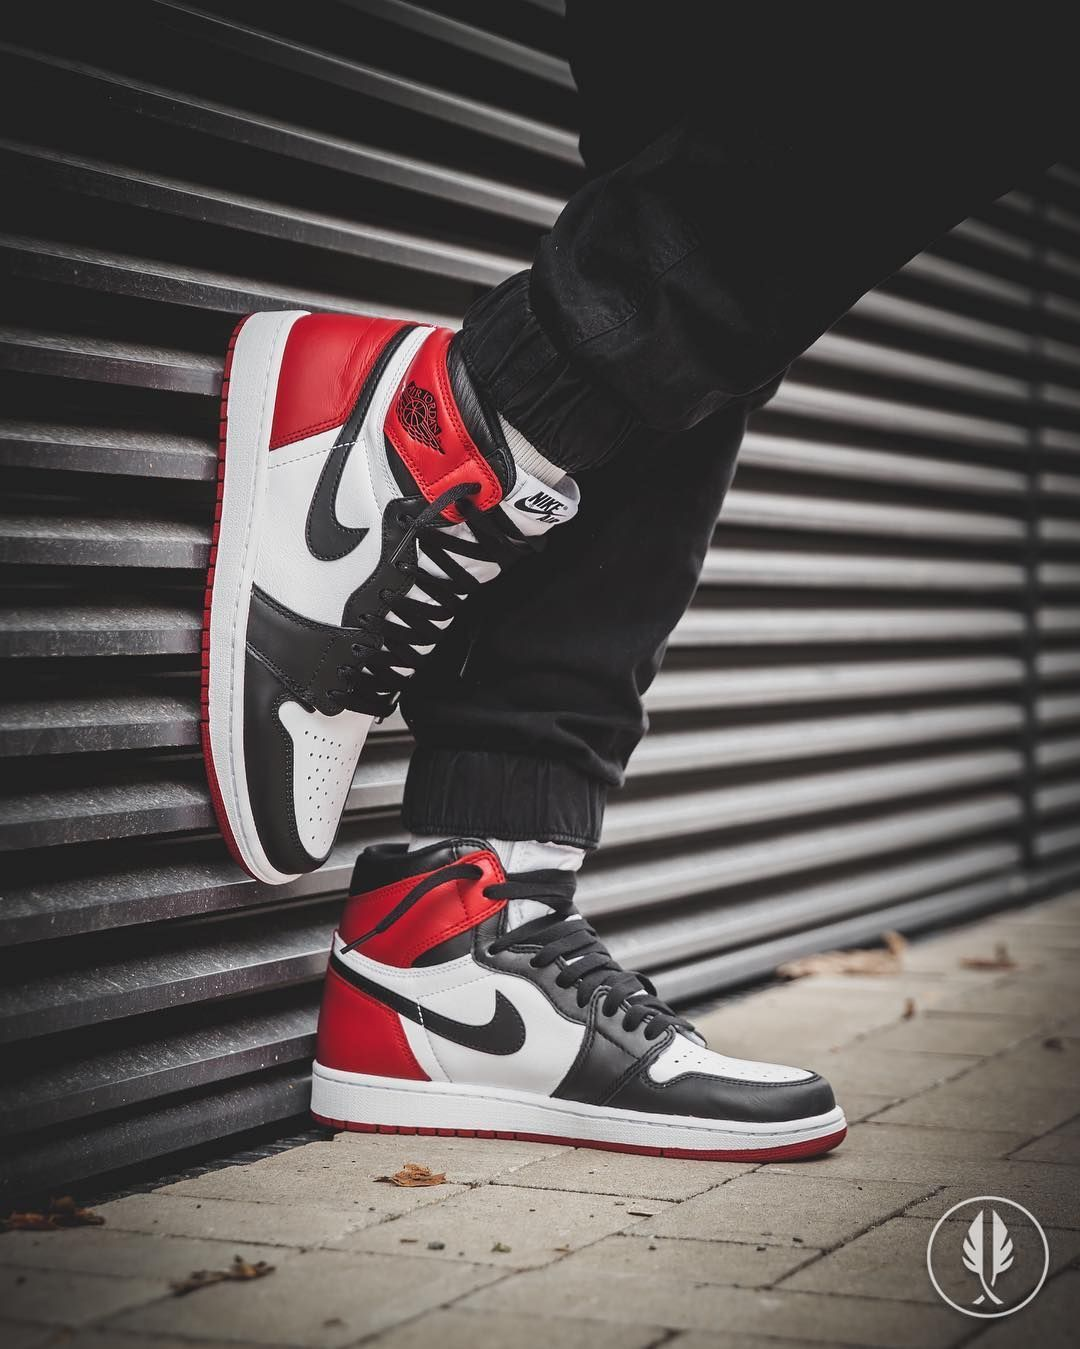 separation shoes d9b34 3d1c2 Nike Air Jordan 1 Retro High Black Toe Sneakers Fashion, Mens Sneakers,  Sneakers Nike